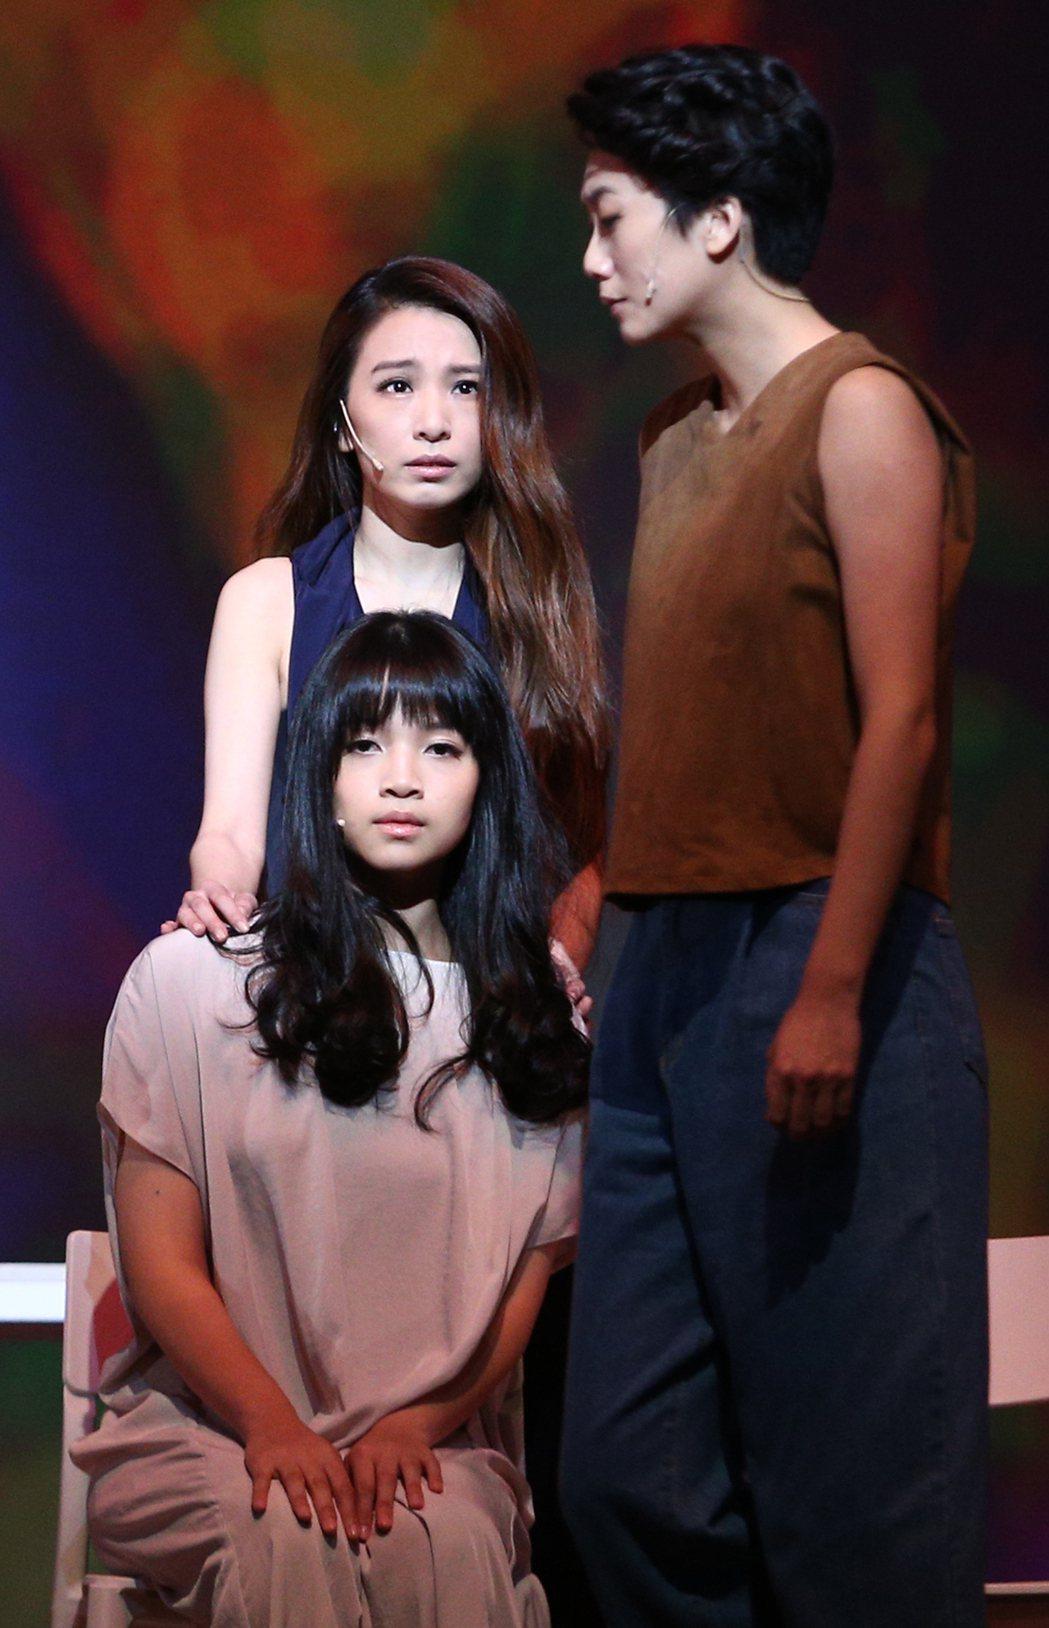 田馥甄(左上)演出「小夜曲」音樂舞台劇在國家戲劇院壓軸登場,田馥甄與「莎士比亞的...